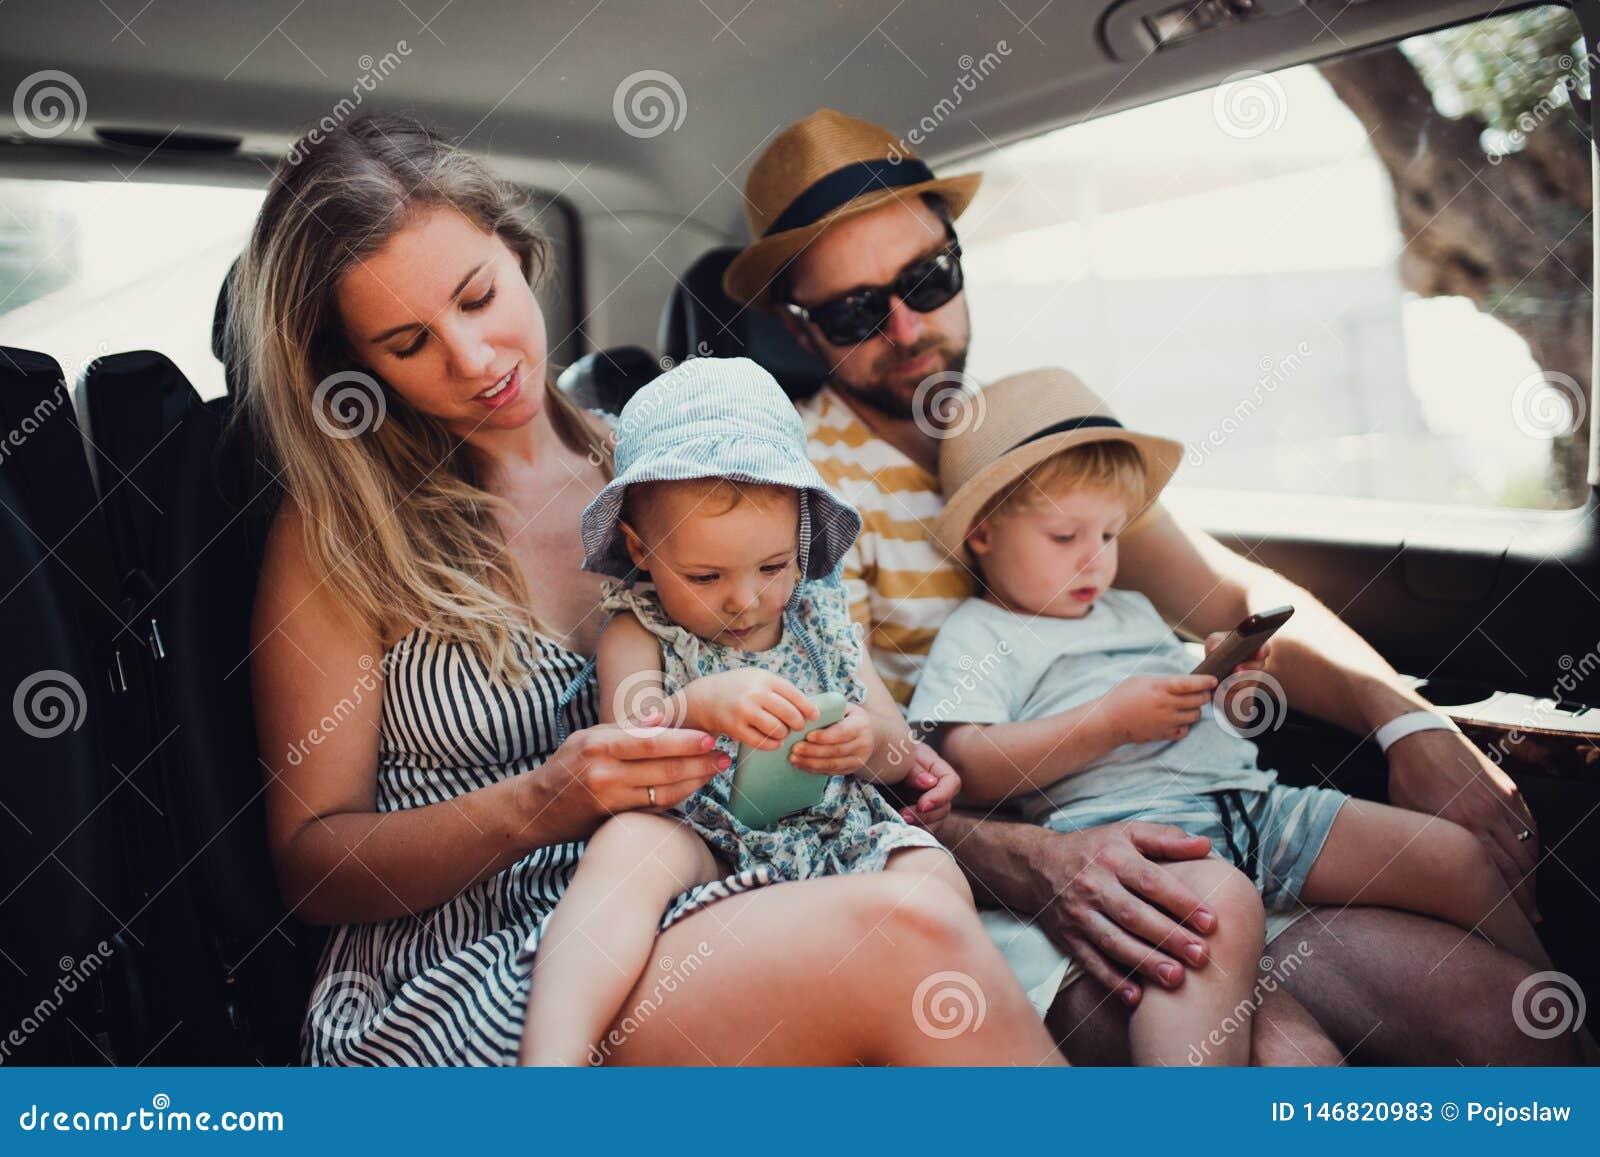 Μια νέα οικογένεια με δύο παιδιά μικρών παιδιών στο ταξί στις καλοκαιρινές διακοπές